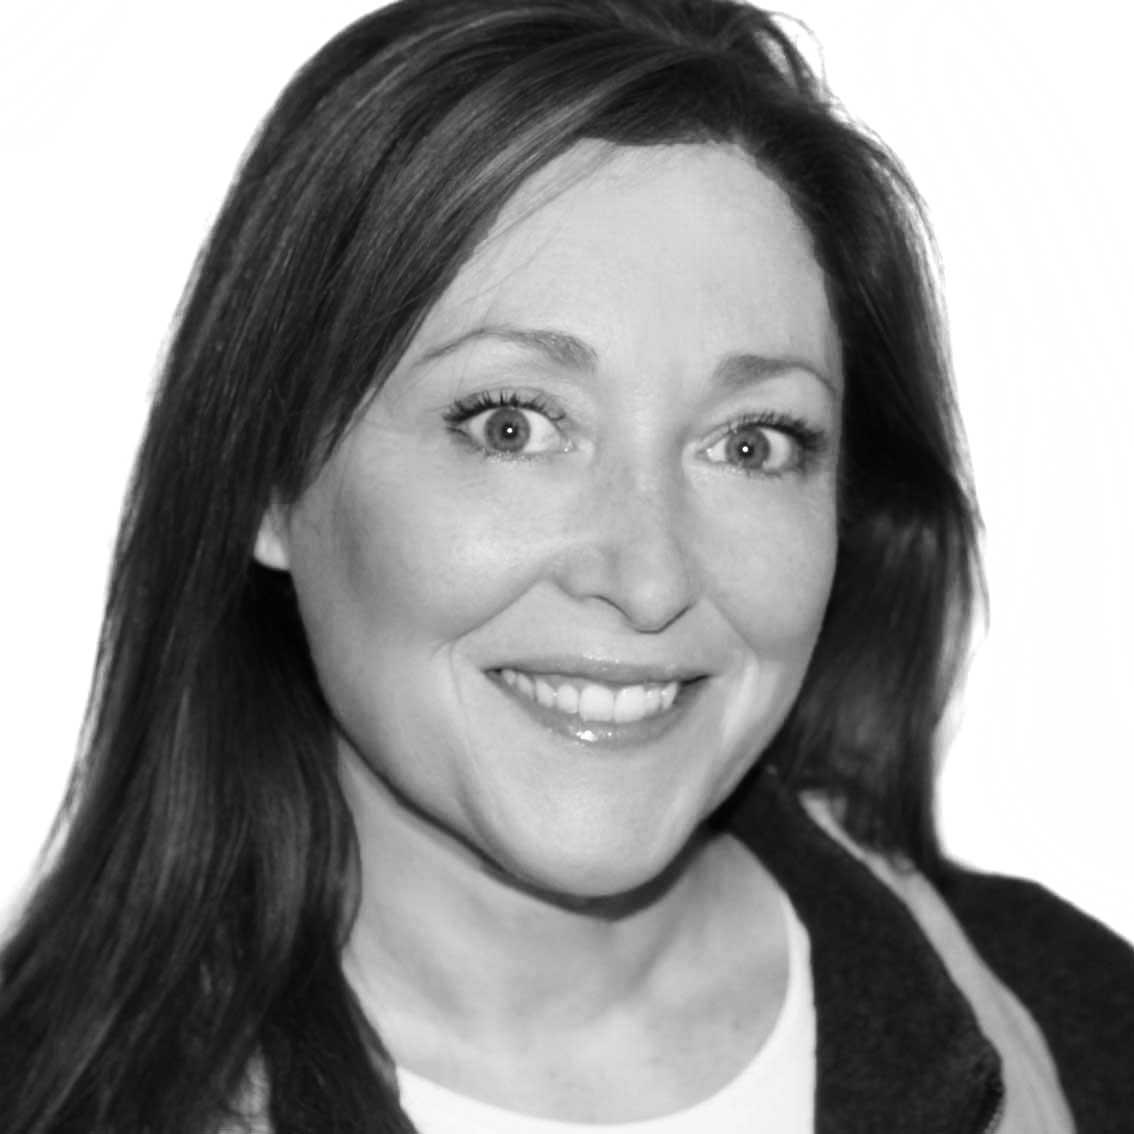 Sarah Jane Henry